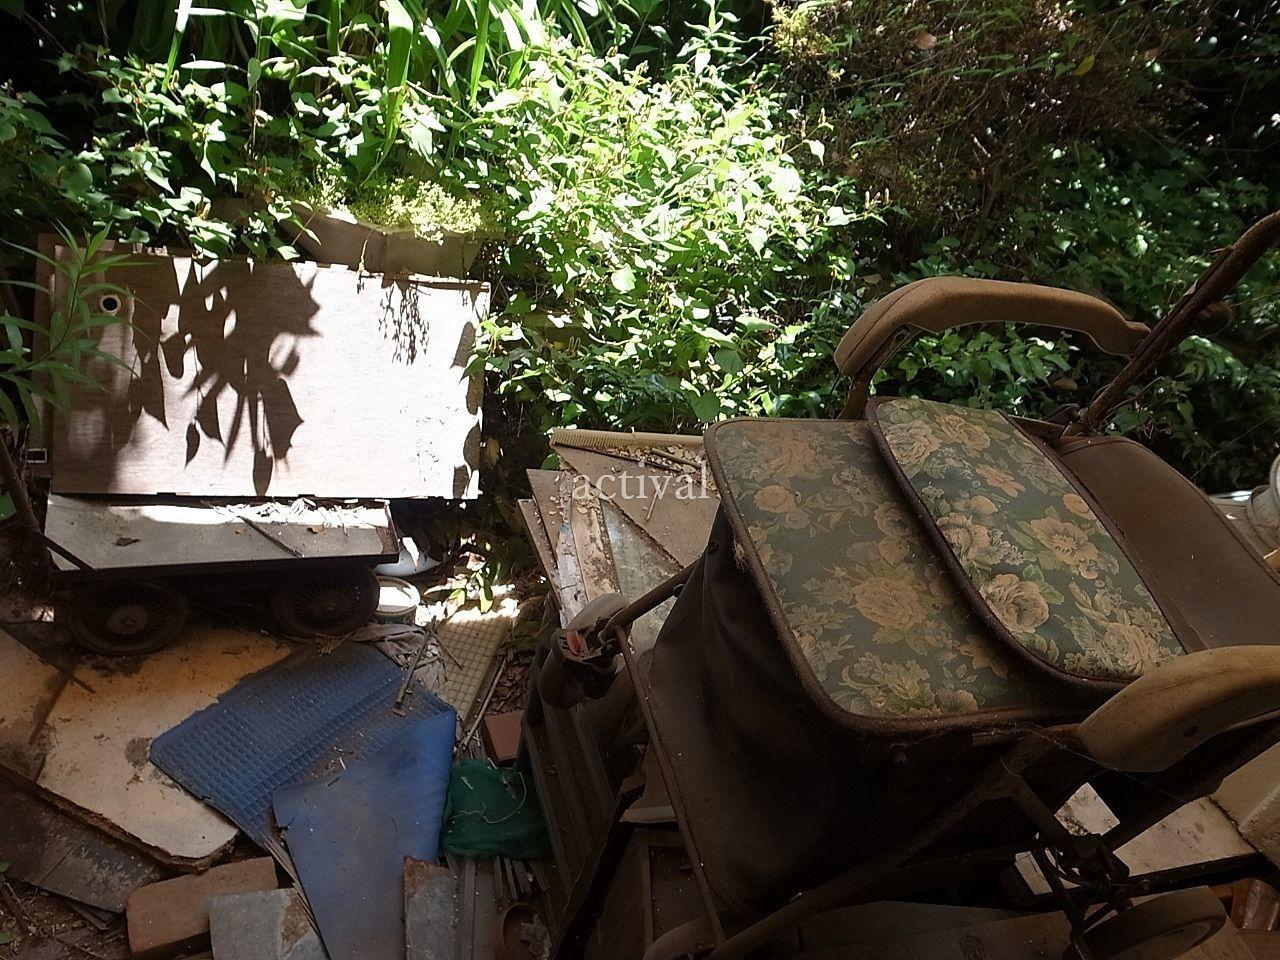 空き家の庭にある前の所有者が残した荷物です。